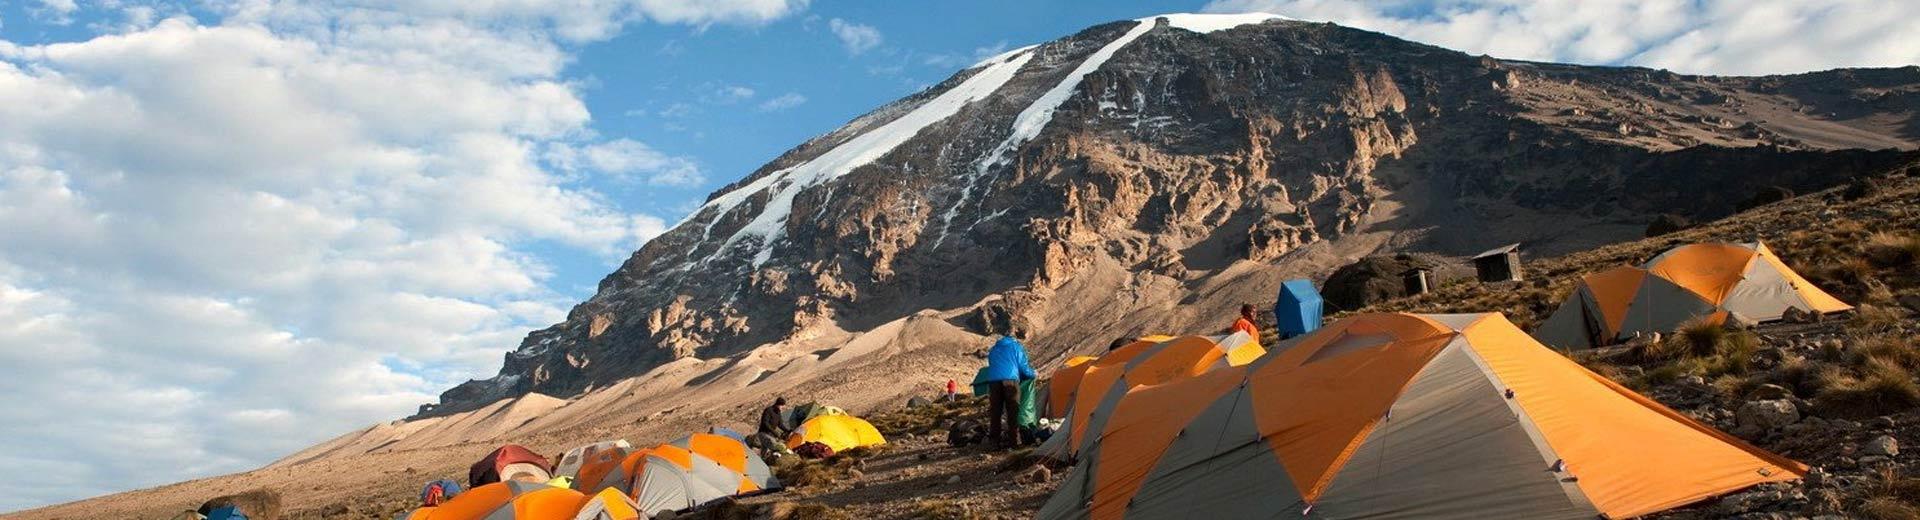 Kilimanjaro 7 Days Machame Route